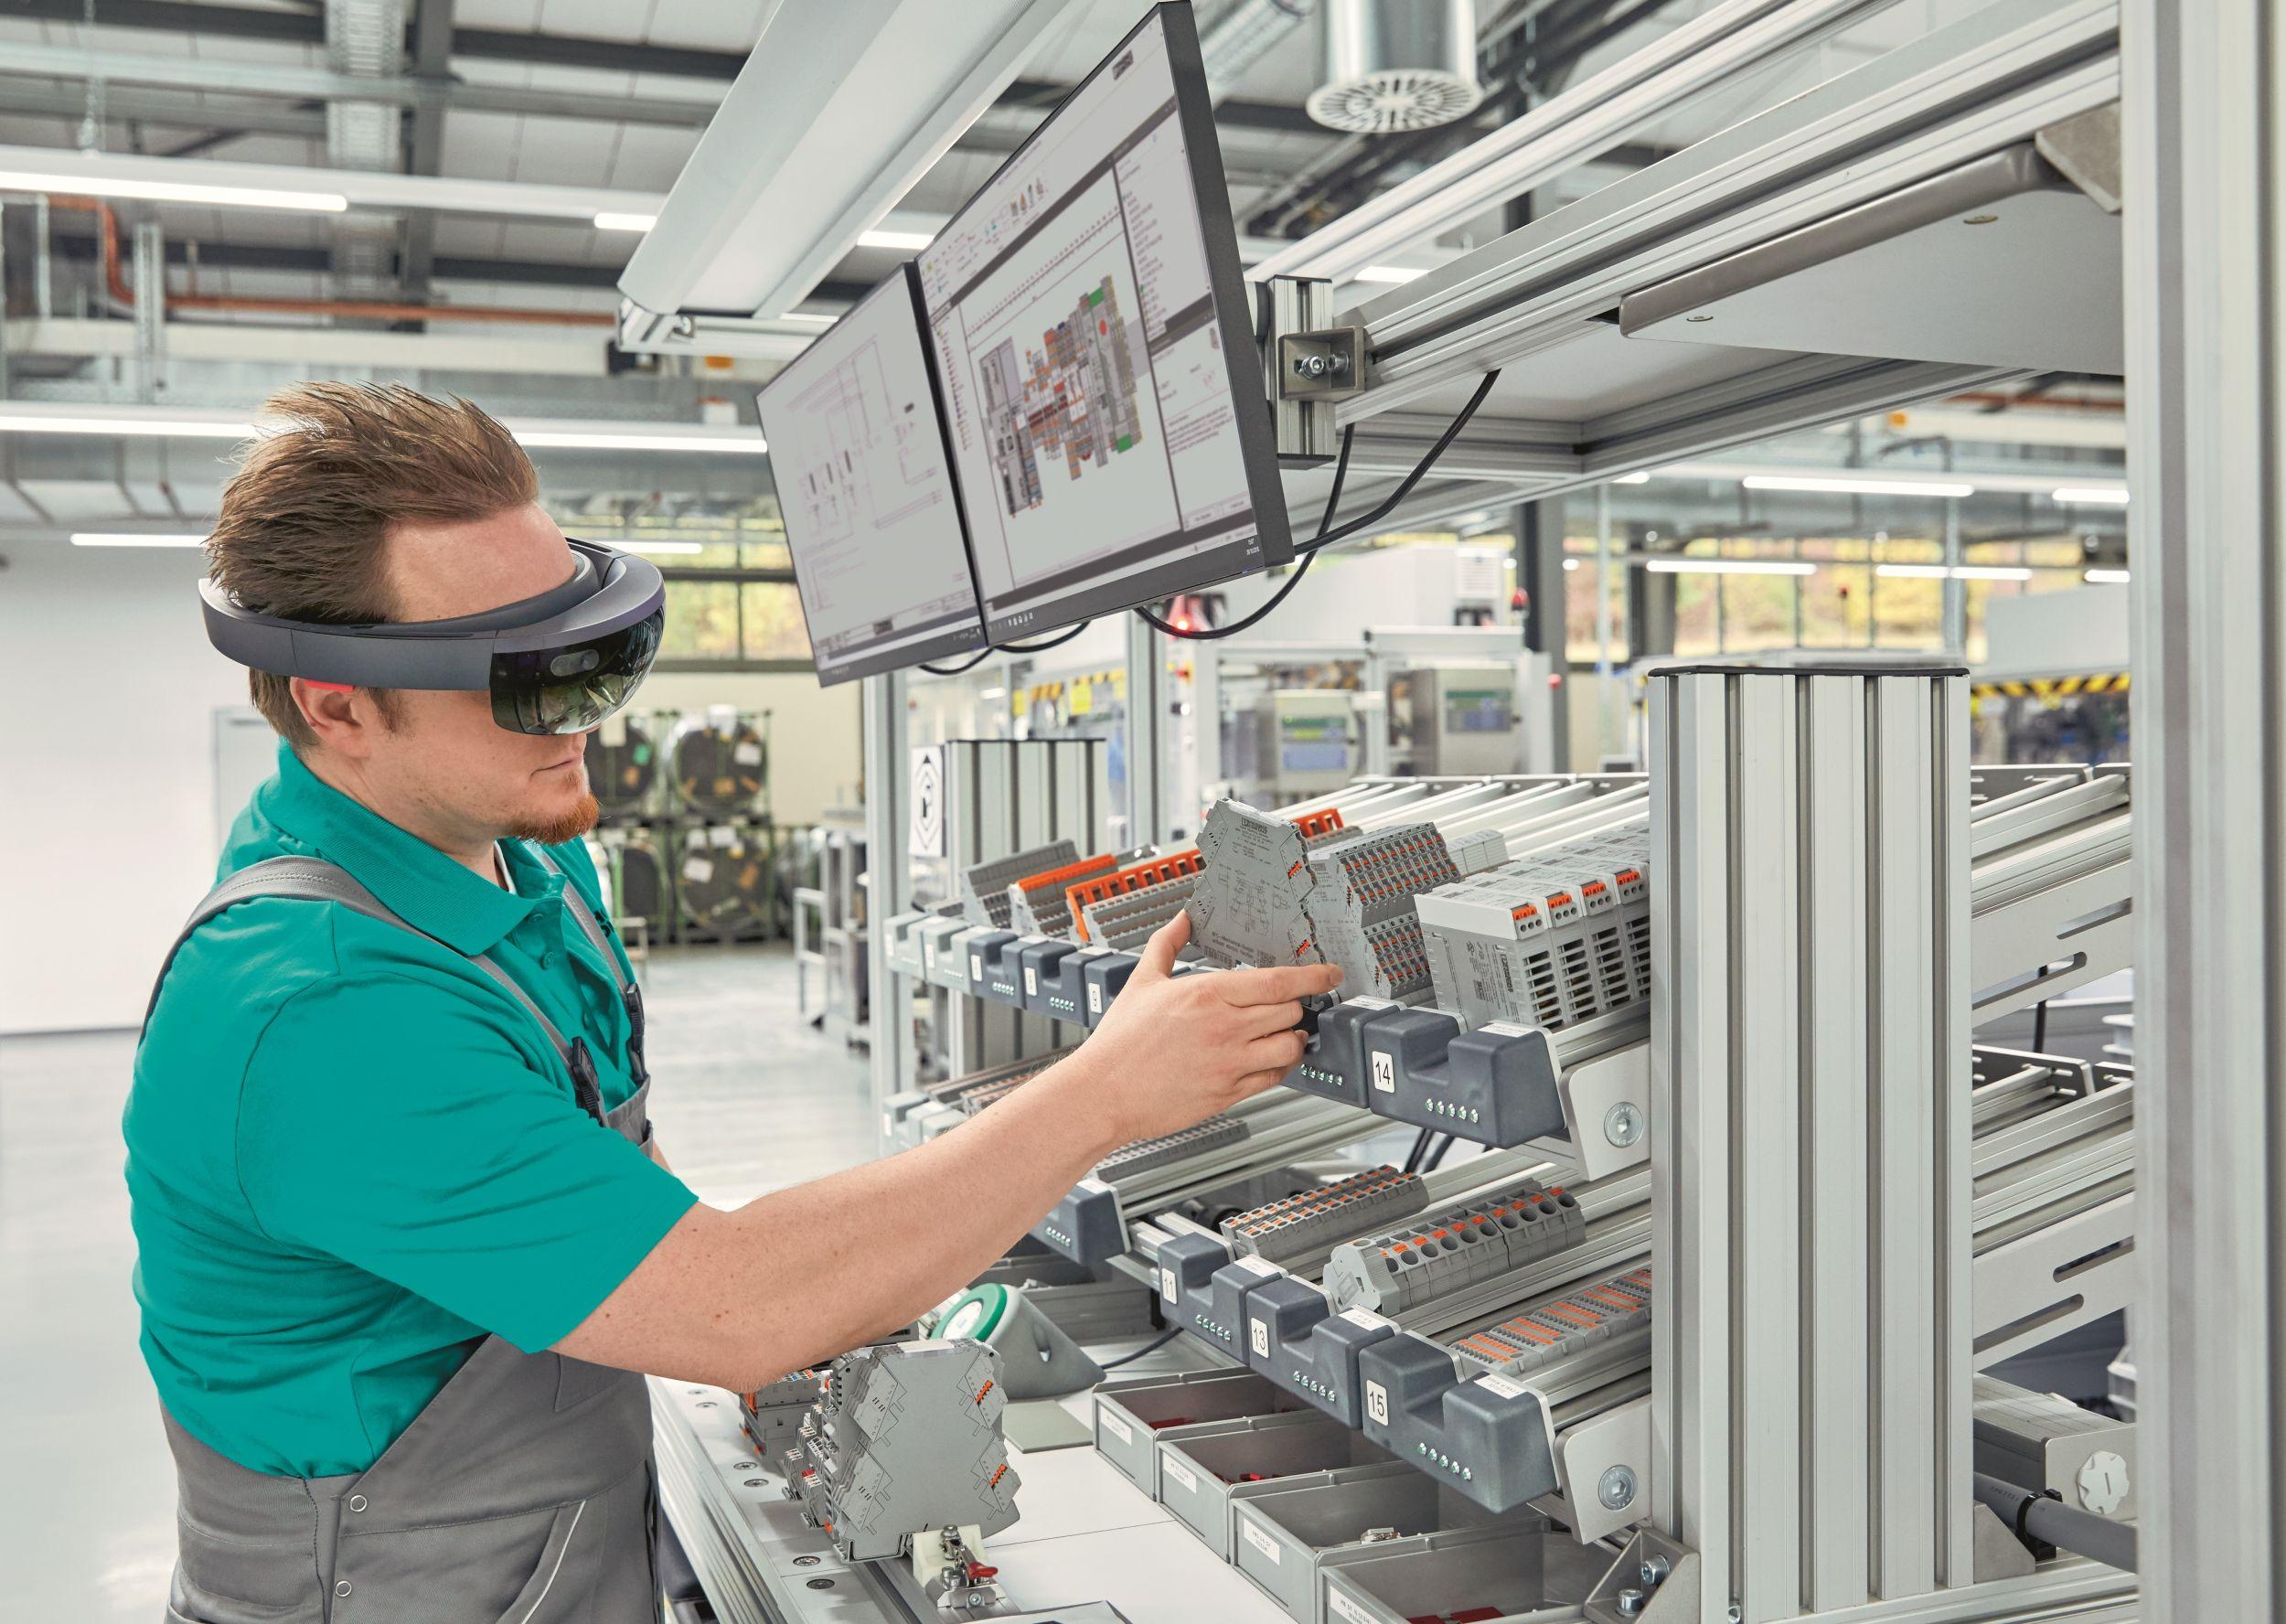 Die Zukunft des Schaltschrankbaus: Digital beschriebene Produkte und optimale Informationsbereitstellung steigern die Effizienz und verkürzen die Produktionszeiten. (Bild: Phoenix Contact Deutschland GmbH)